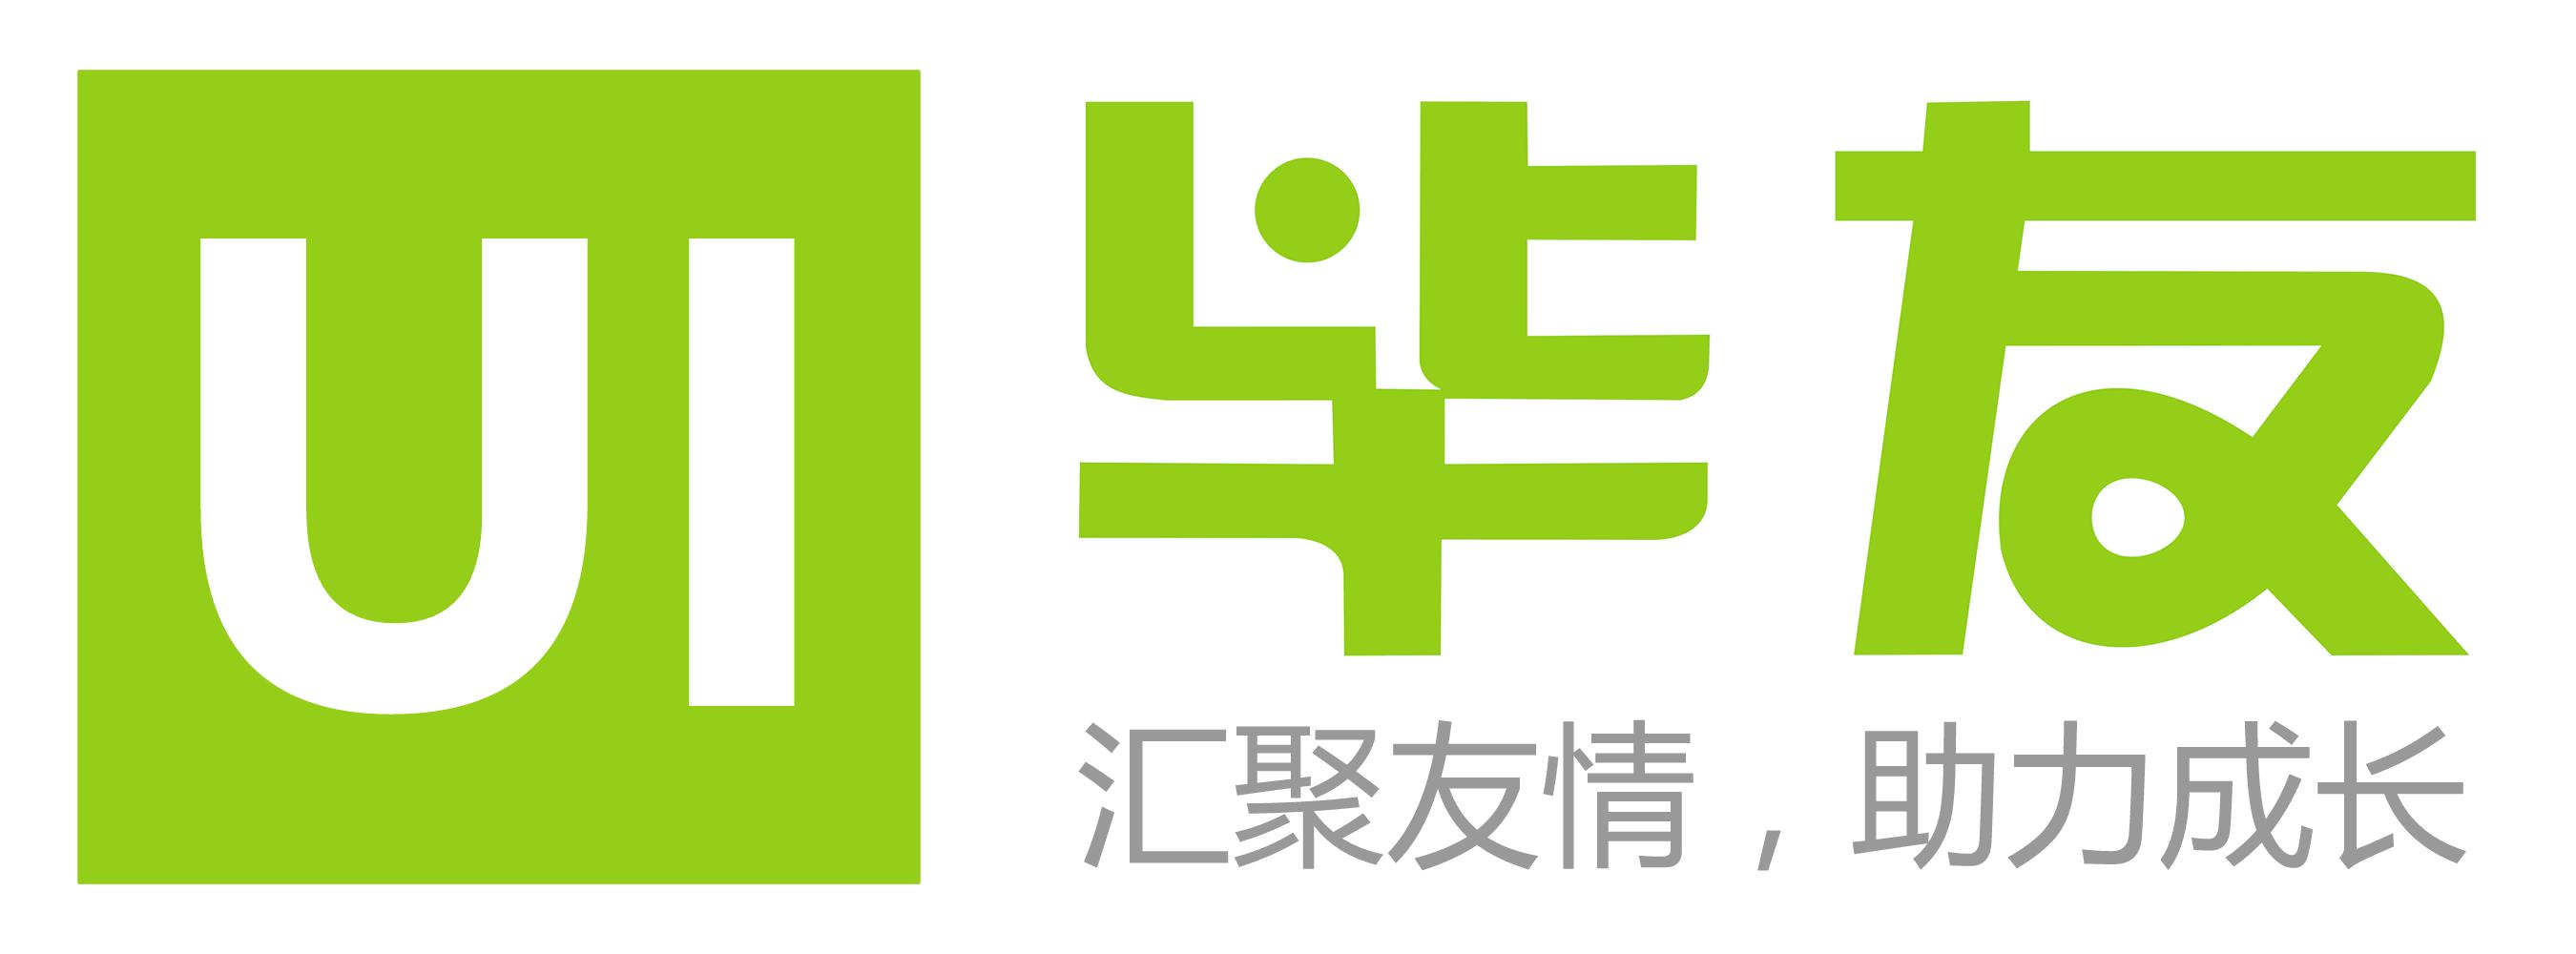 【毕友走进企业】(第1期)——走进MBA工作的企业